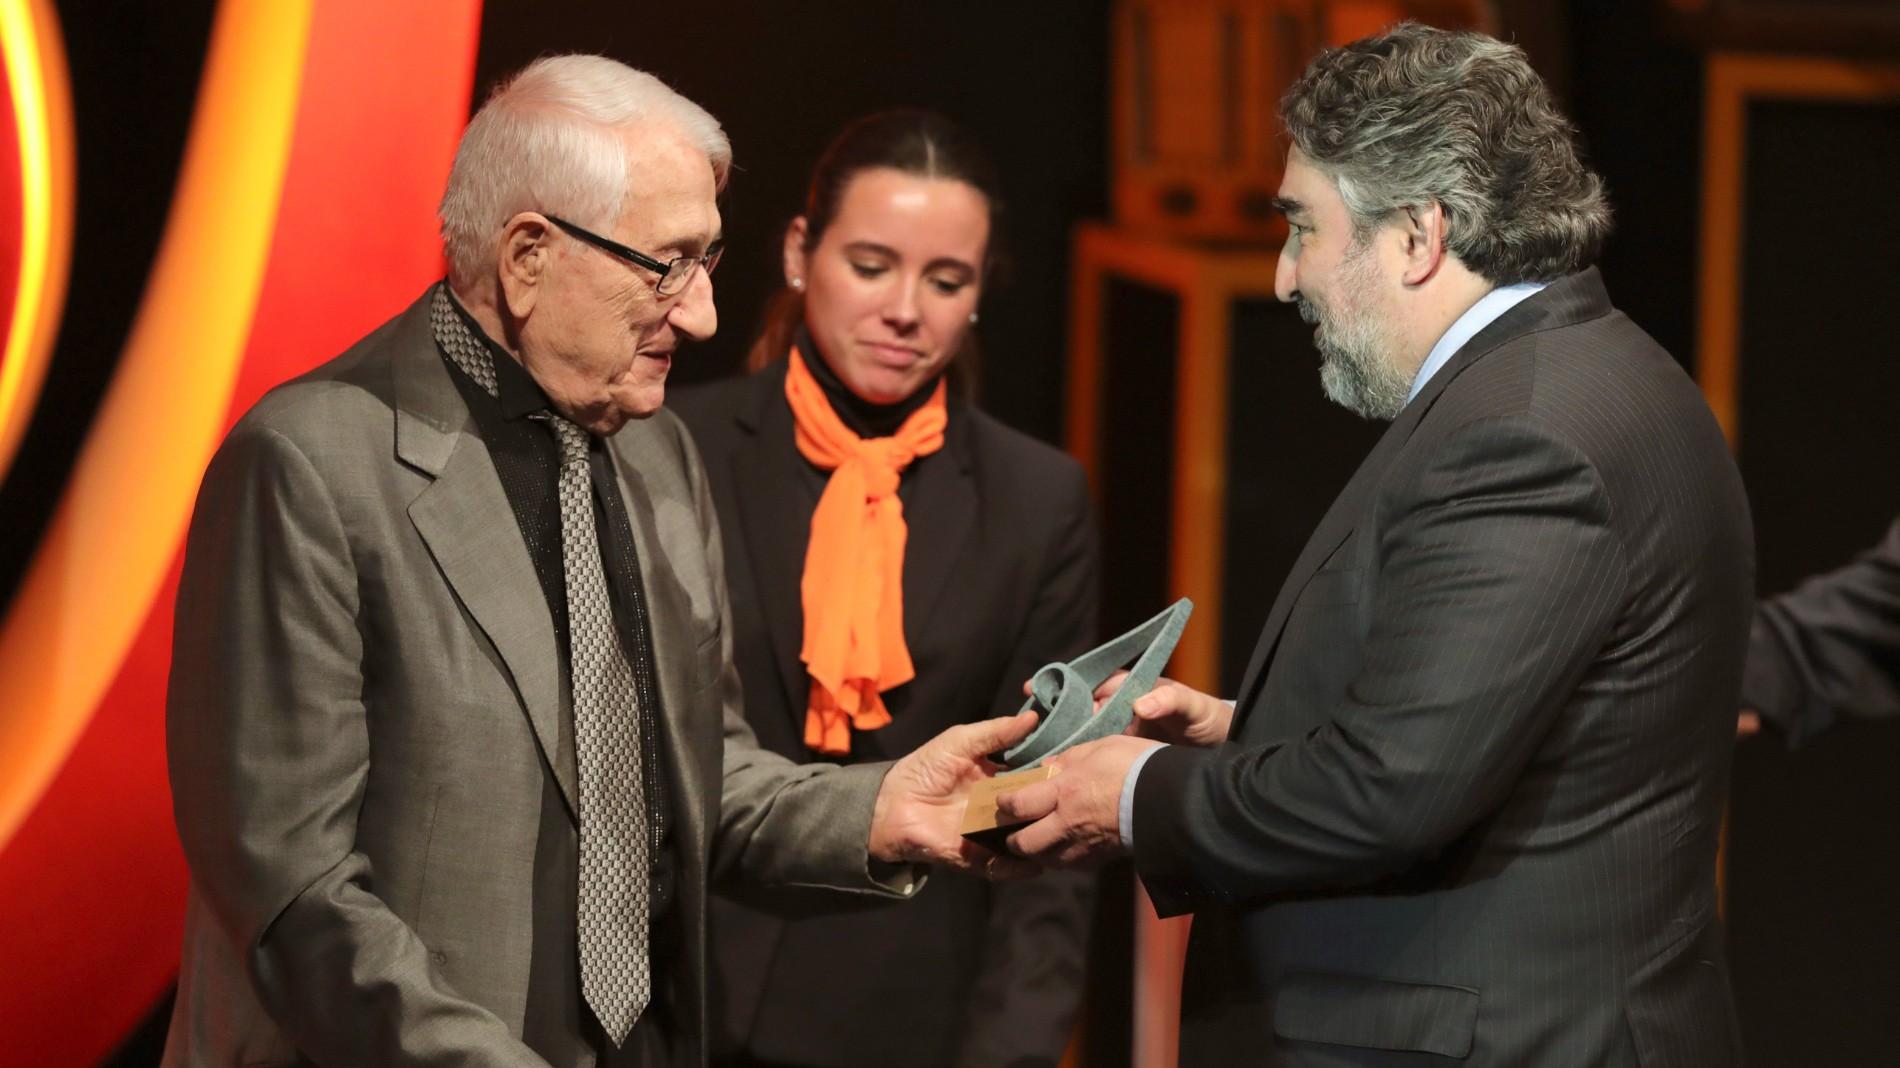 Ir al VideoPedro Itullarde consigue el premio 'Ojo Crítico' de Radio Nacional a toda su trayectoria